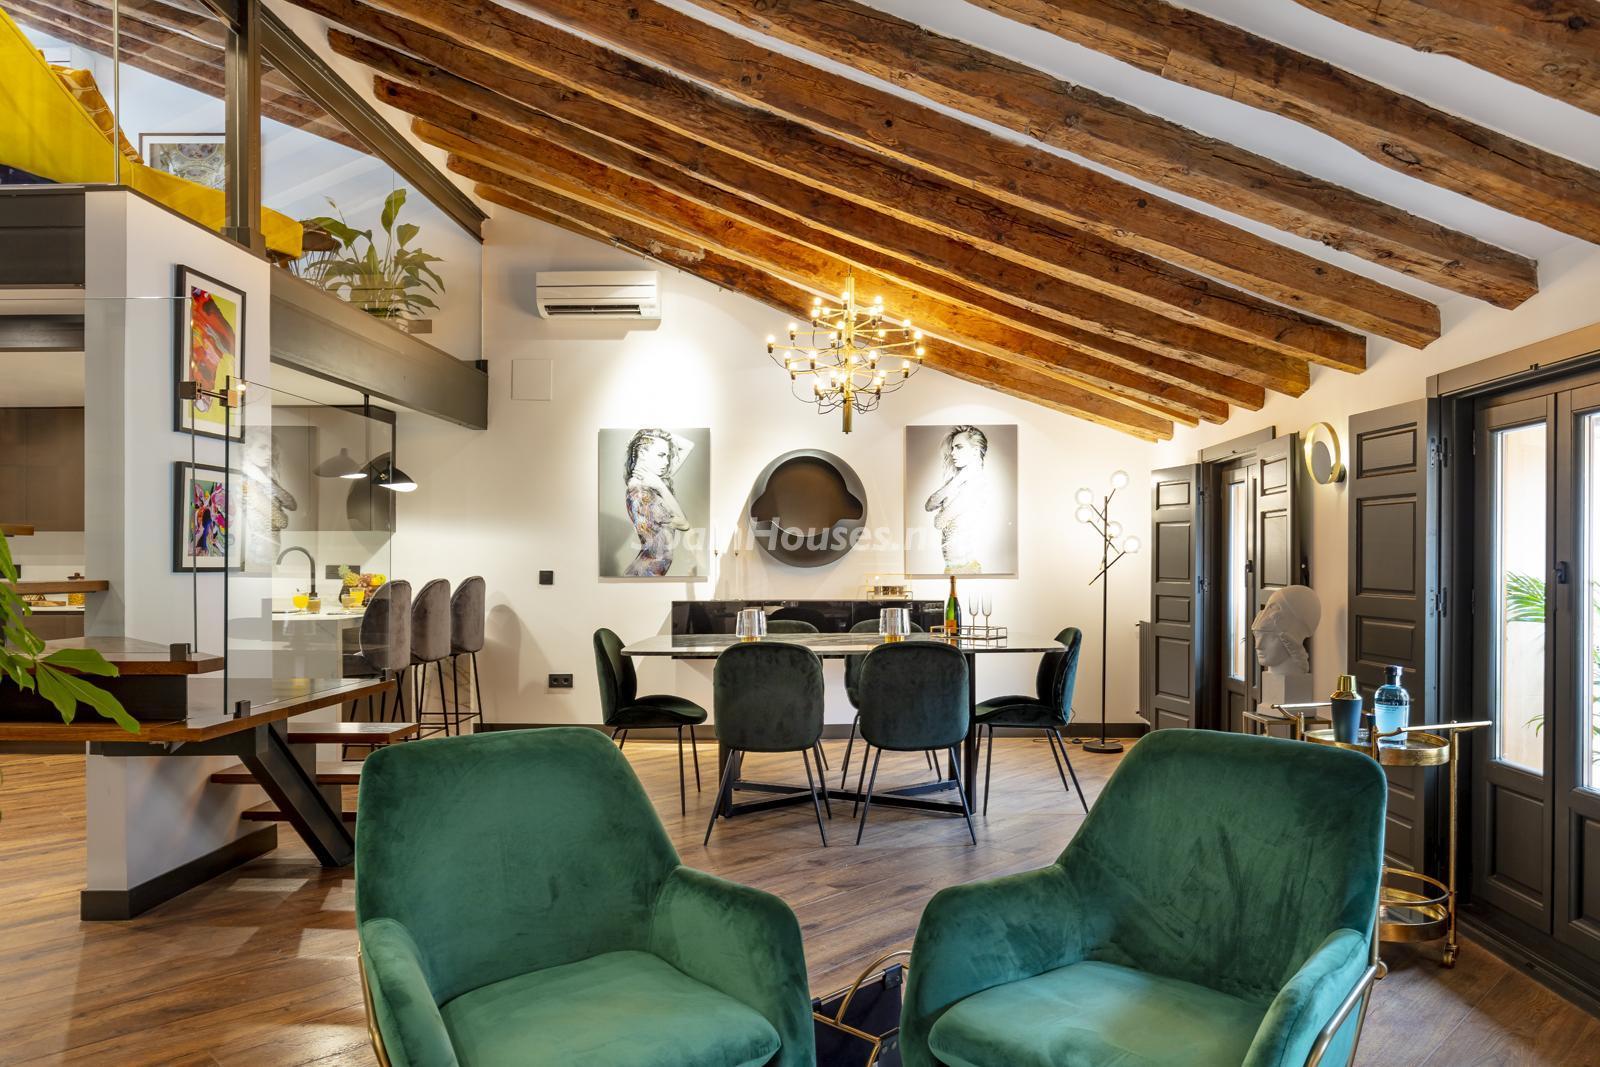 80012096 3159558 foto124728566 - Inspiración urbana y gran valor arquitectonico en este espectacular ático en Madrid